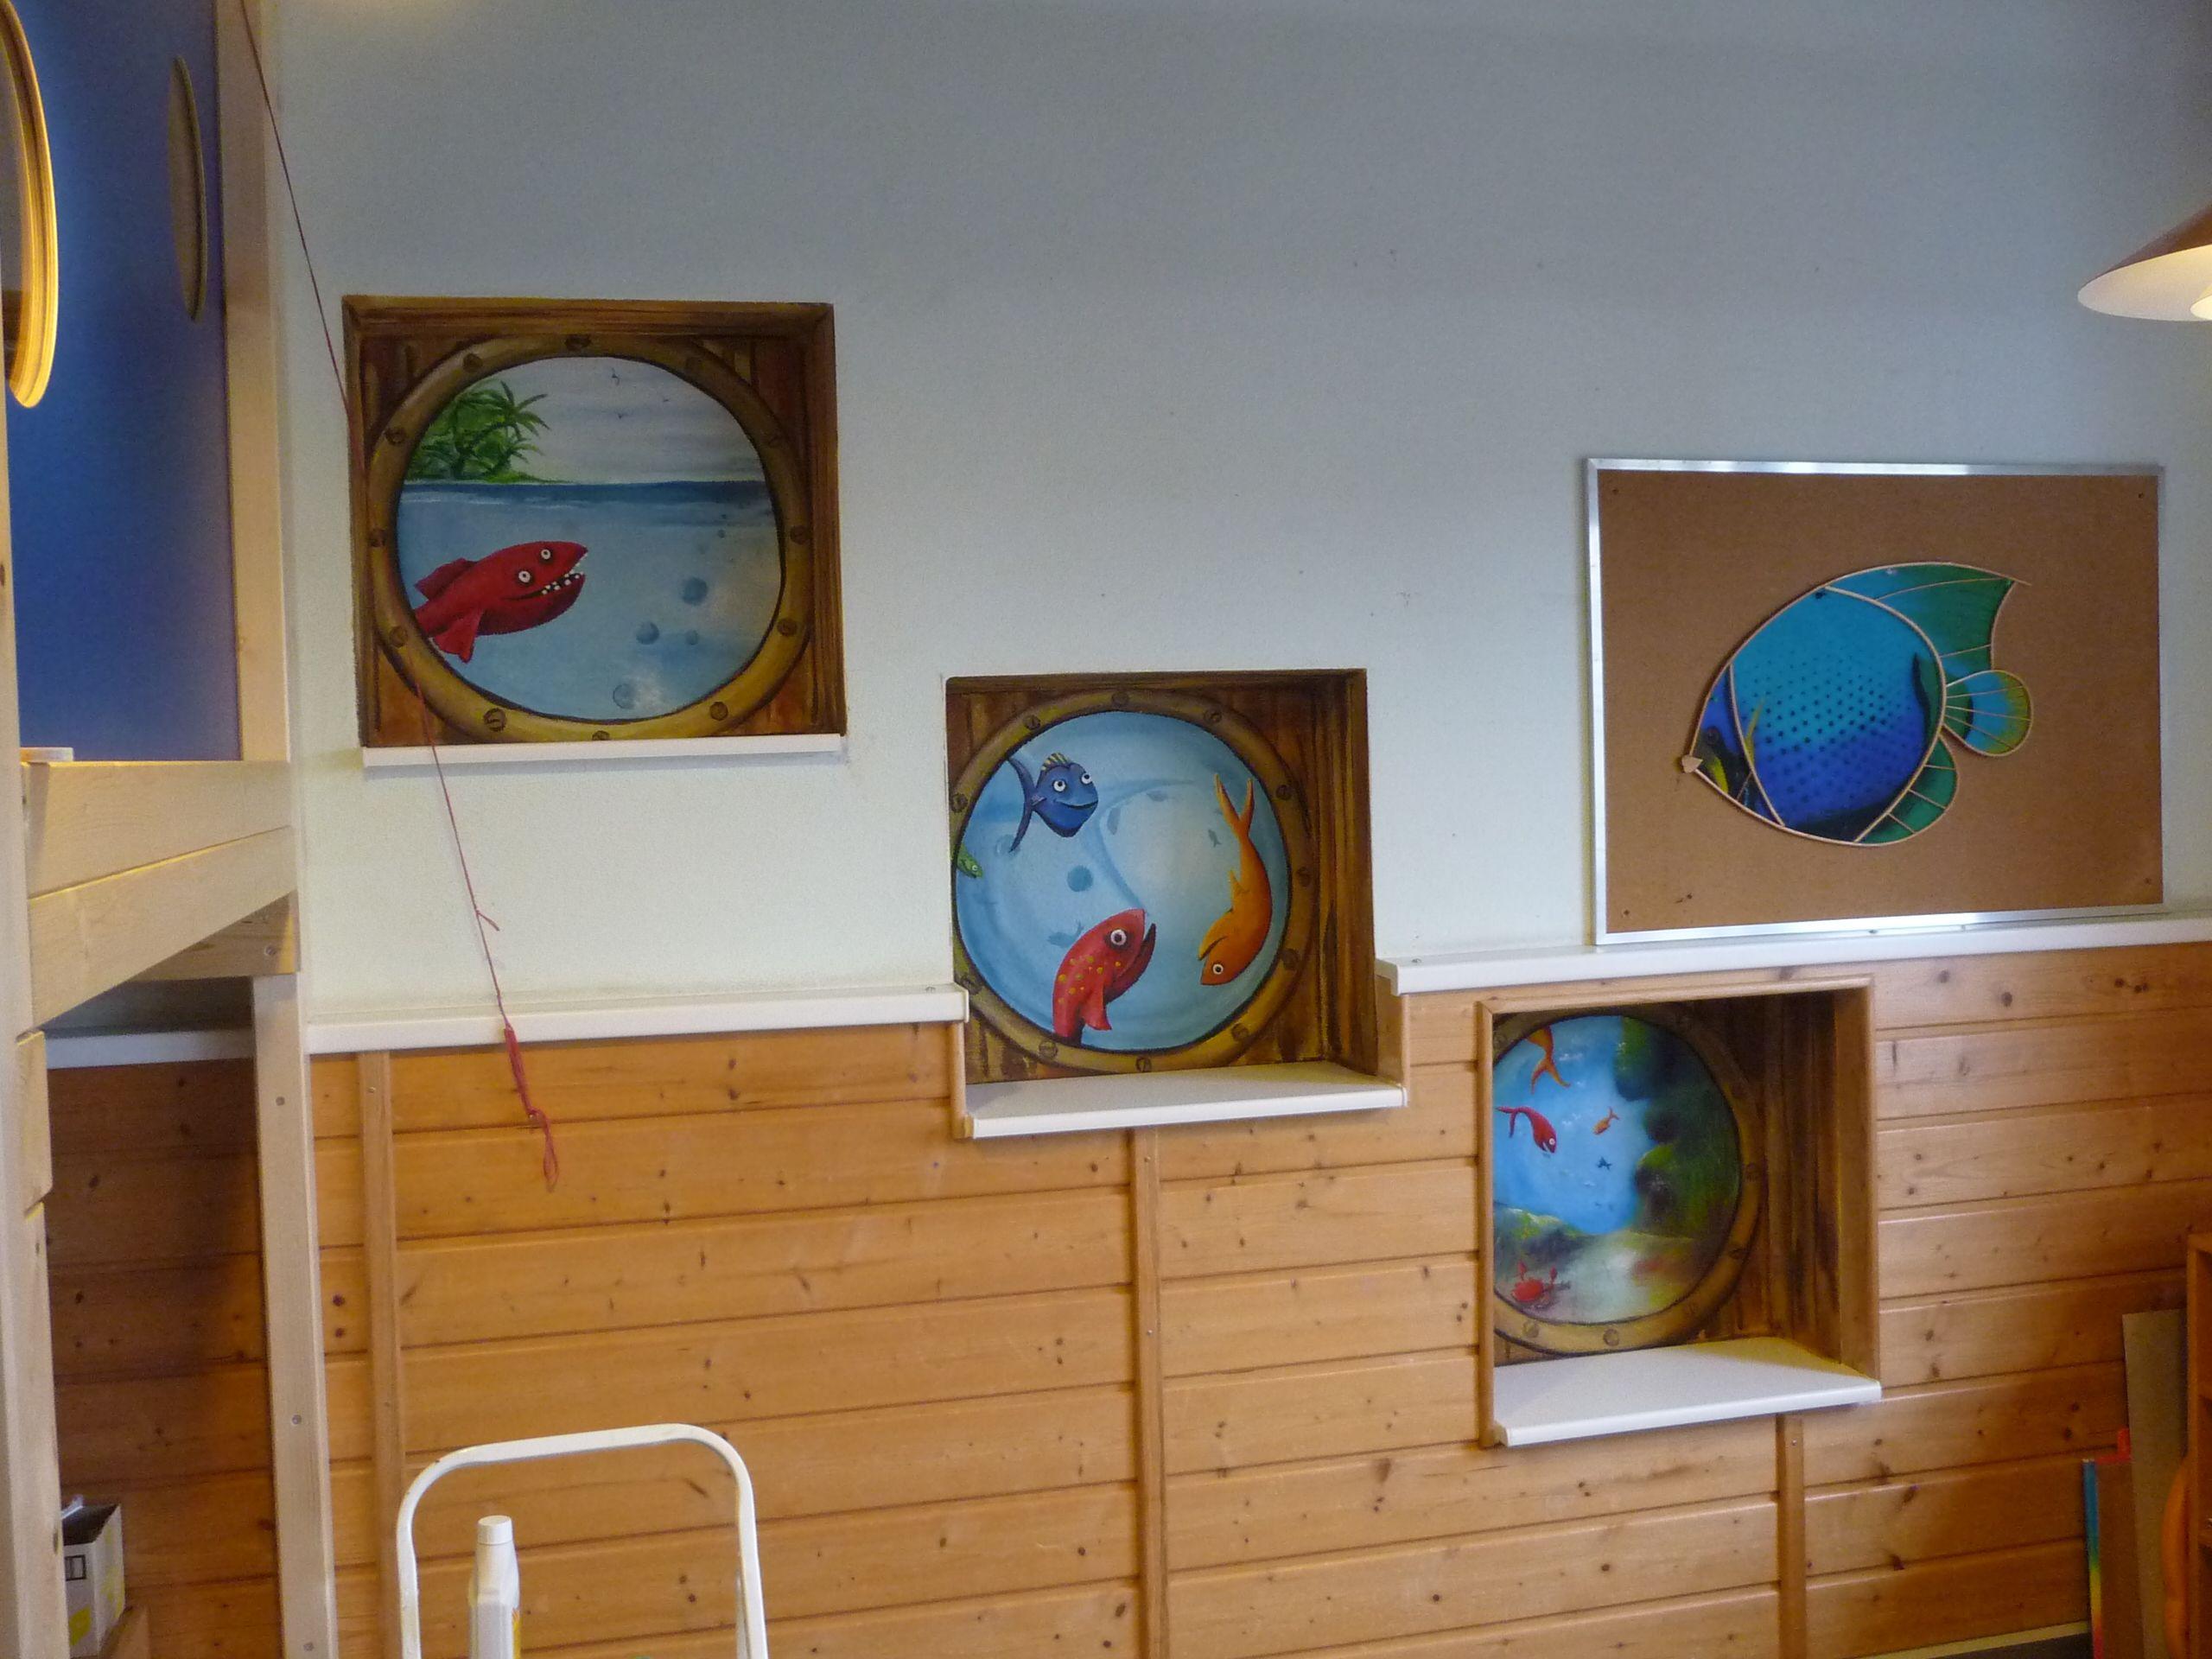 Zirkuszelt Kinderzimmer ~ Carola sommer❤malerei wände kinderzimmer fische unter wasser